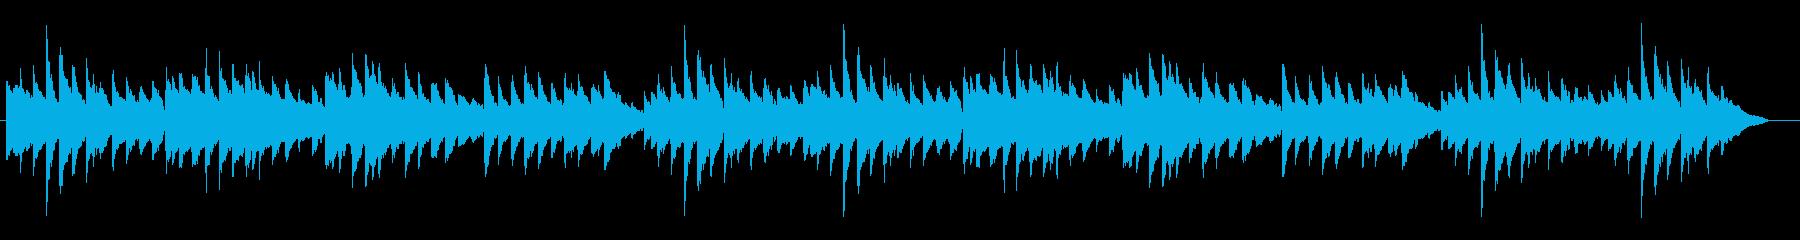 【童謡】こいのぼり ピアノソロ・伴奏の再生済みの波形